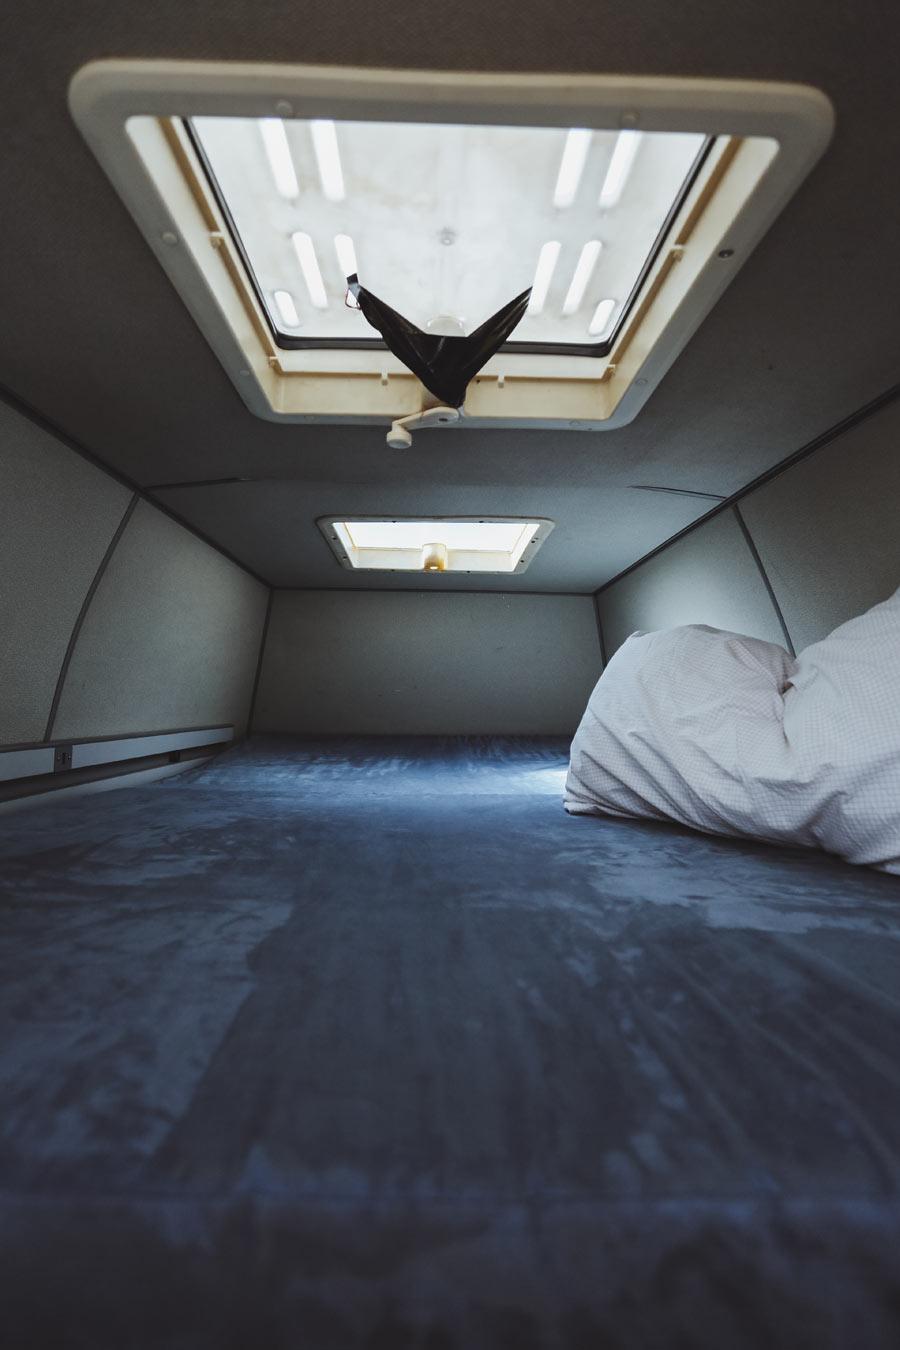 BulliHoliday VW Bulli mieten Kuno - geöffnete Schiebetür und Blick in den Wohnraum